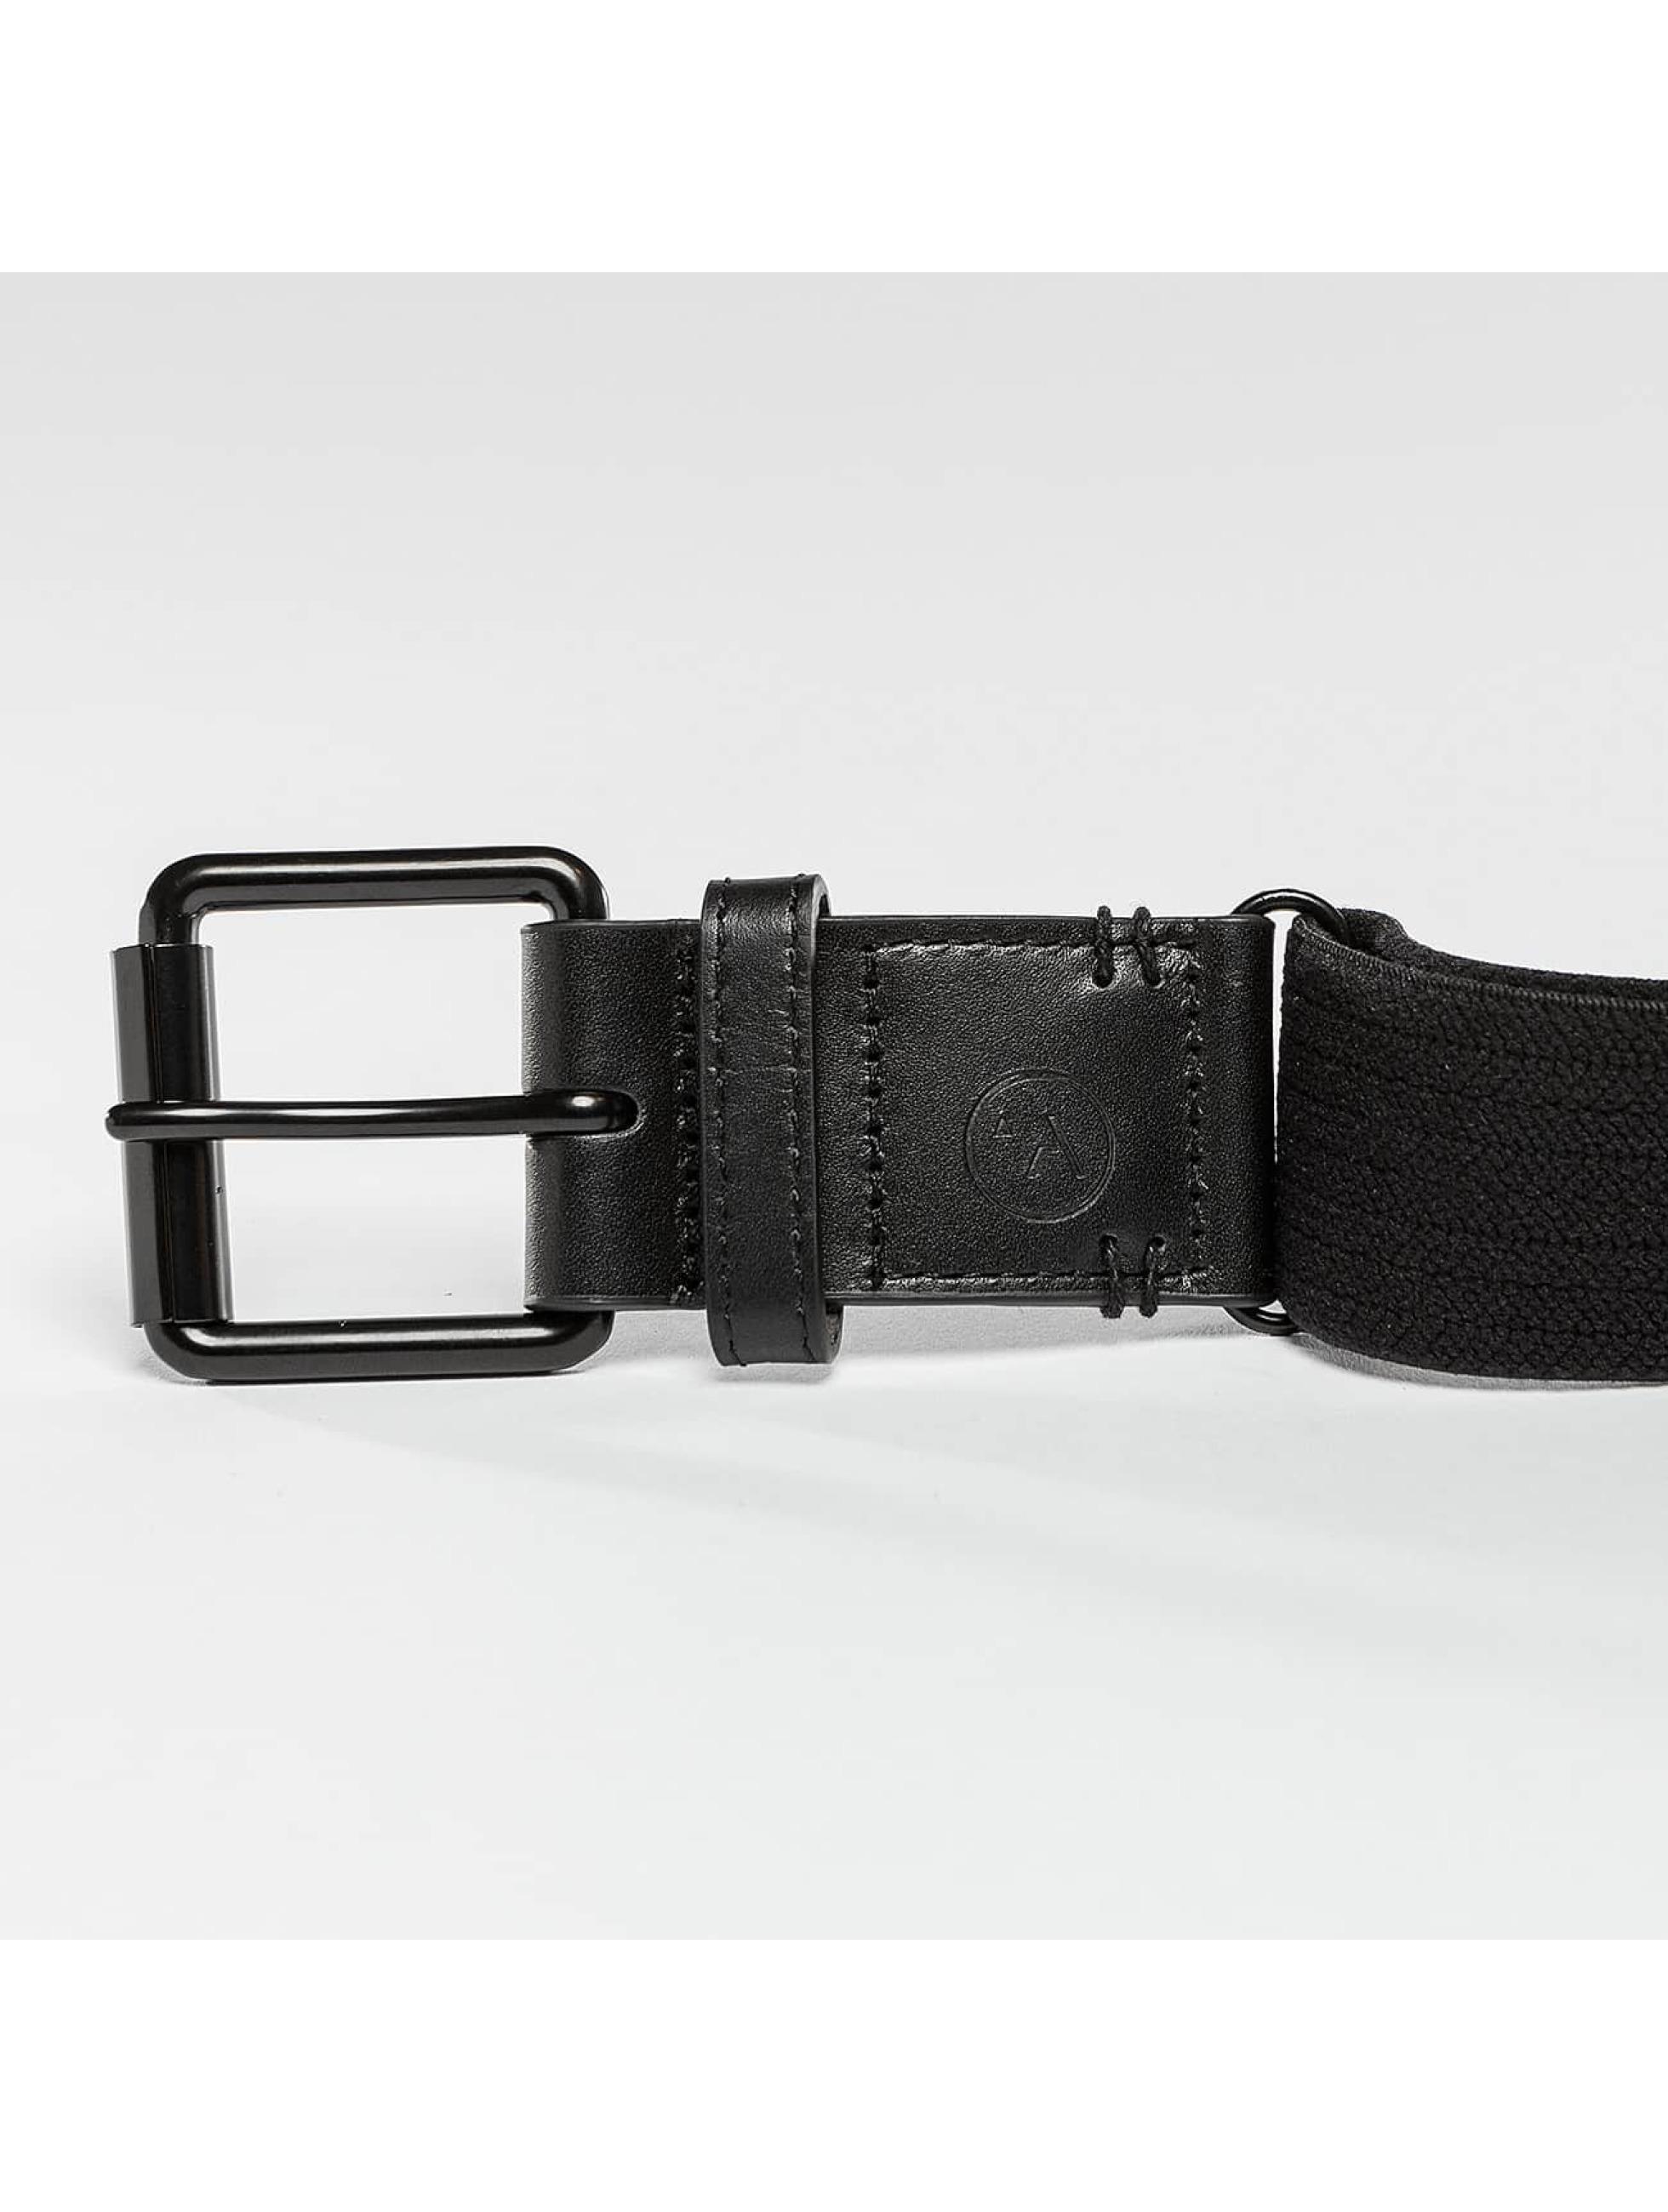 ARCADE Pásky he Corsair čern